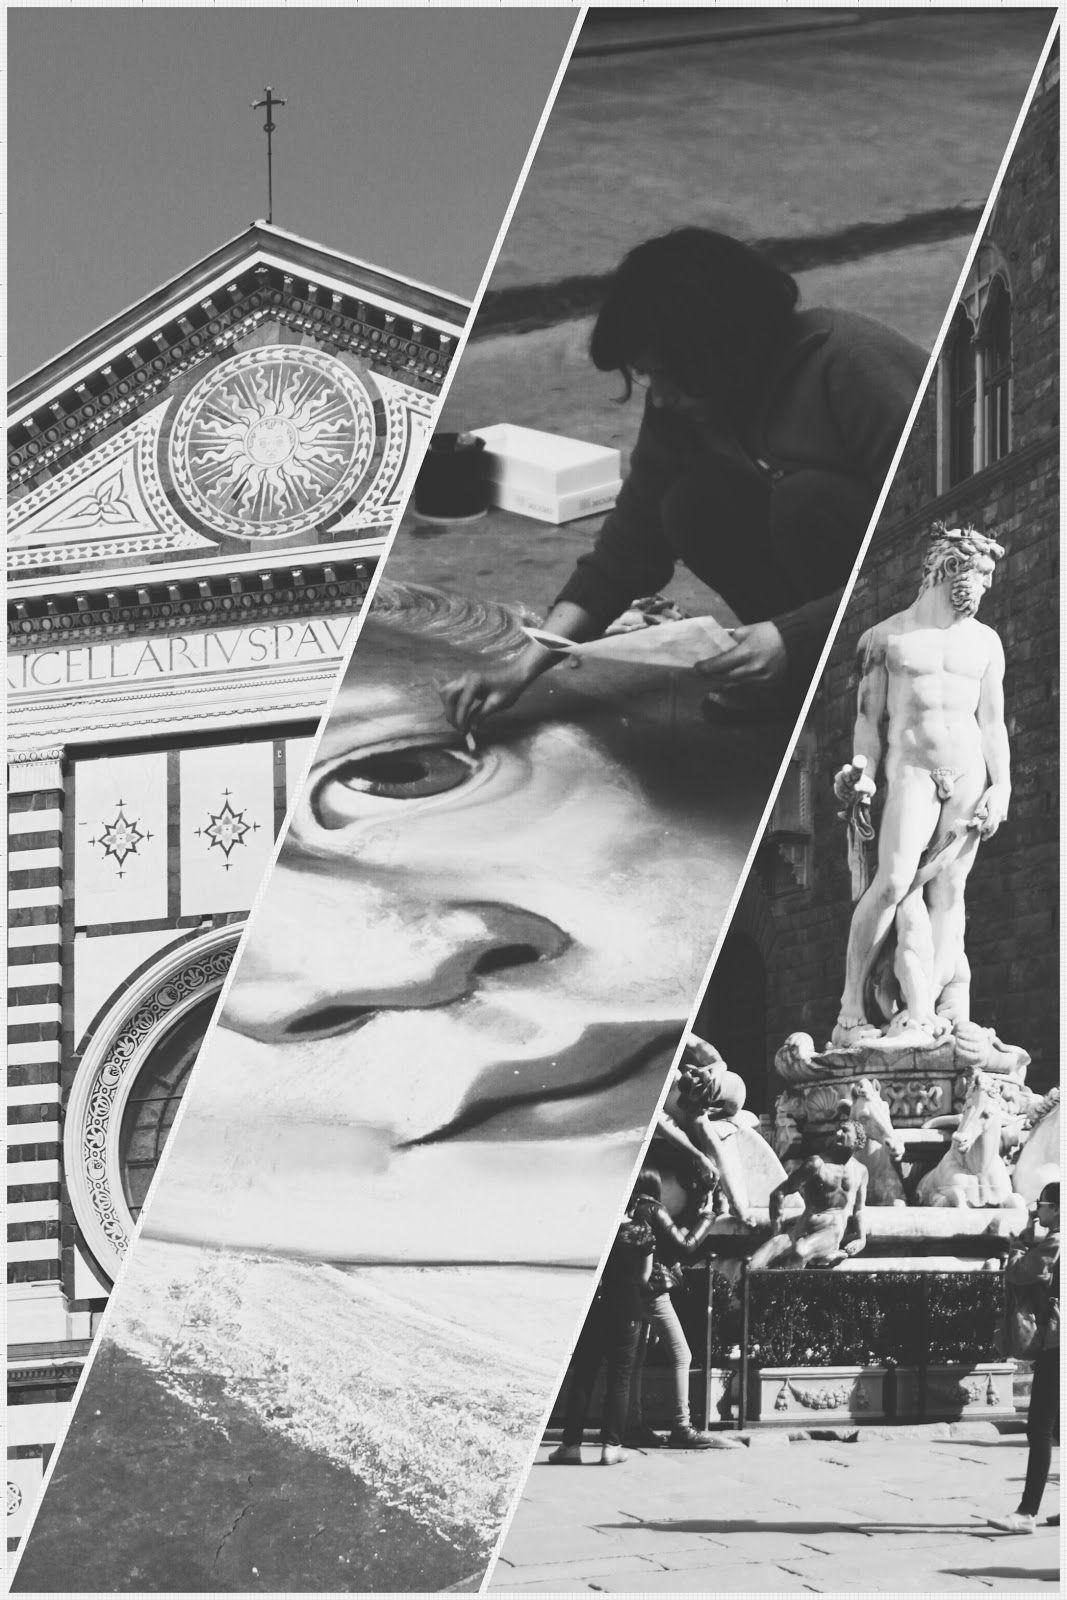 #Florenz in Schwarz-Weiß #firenze #florence #art #architecture